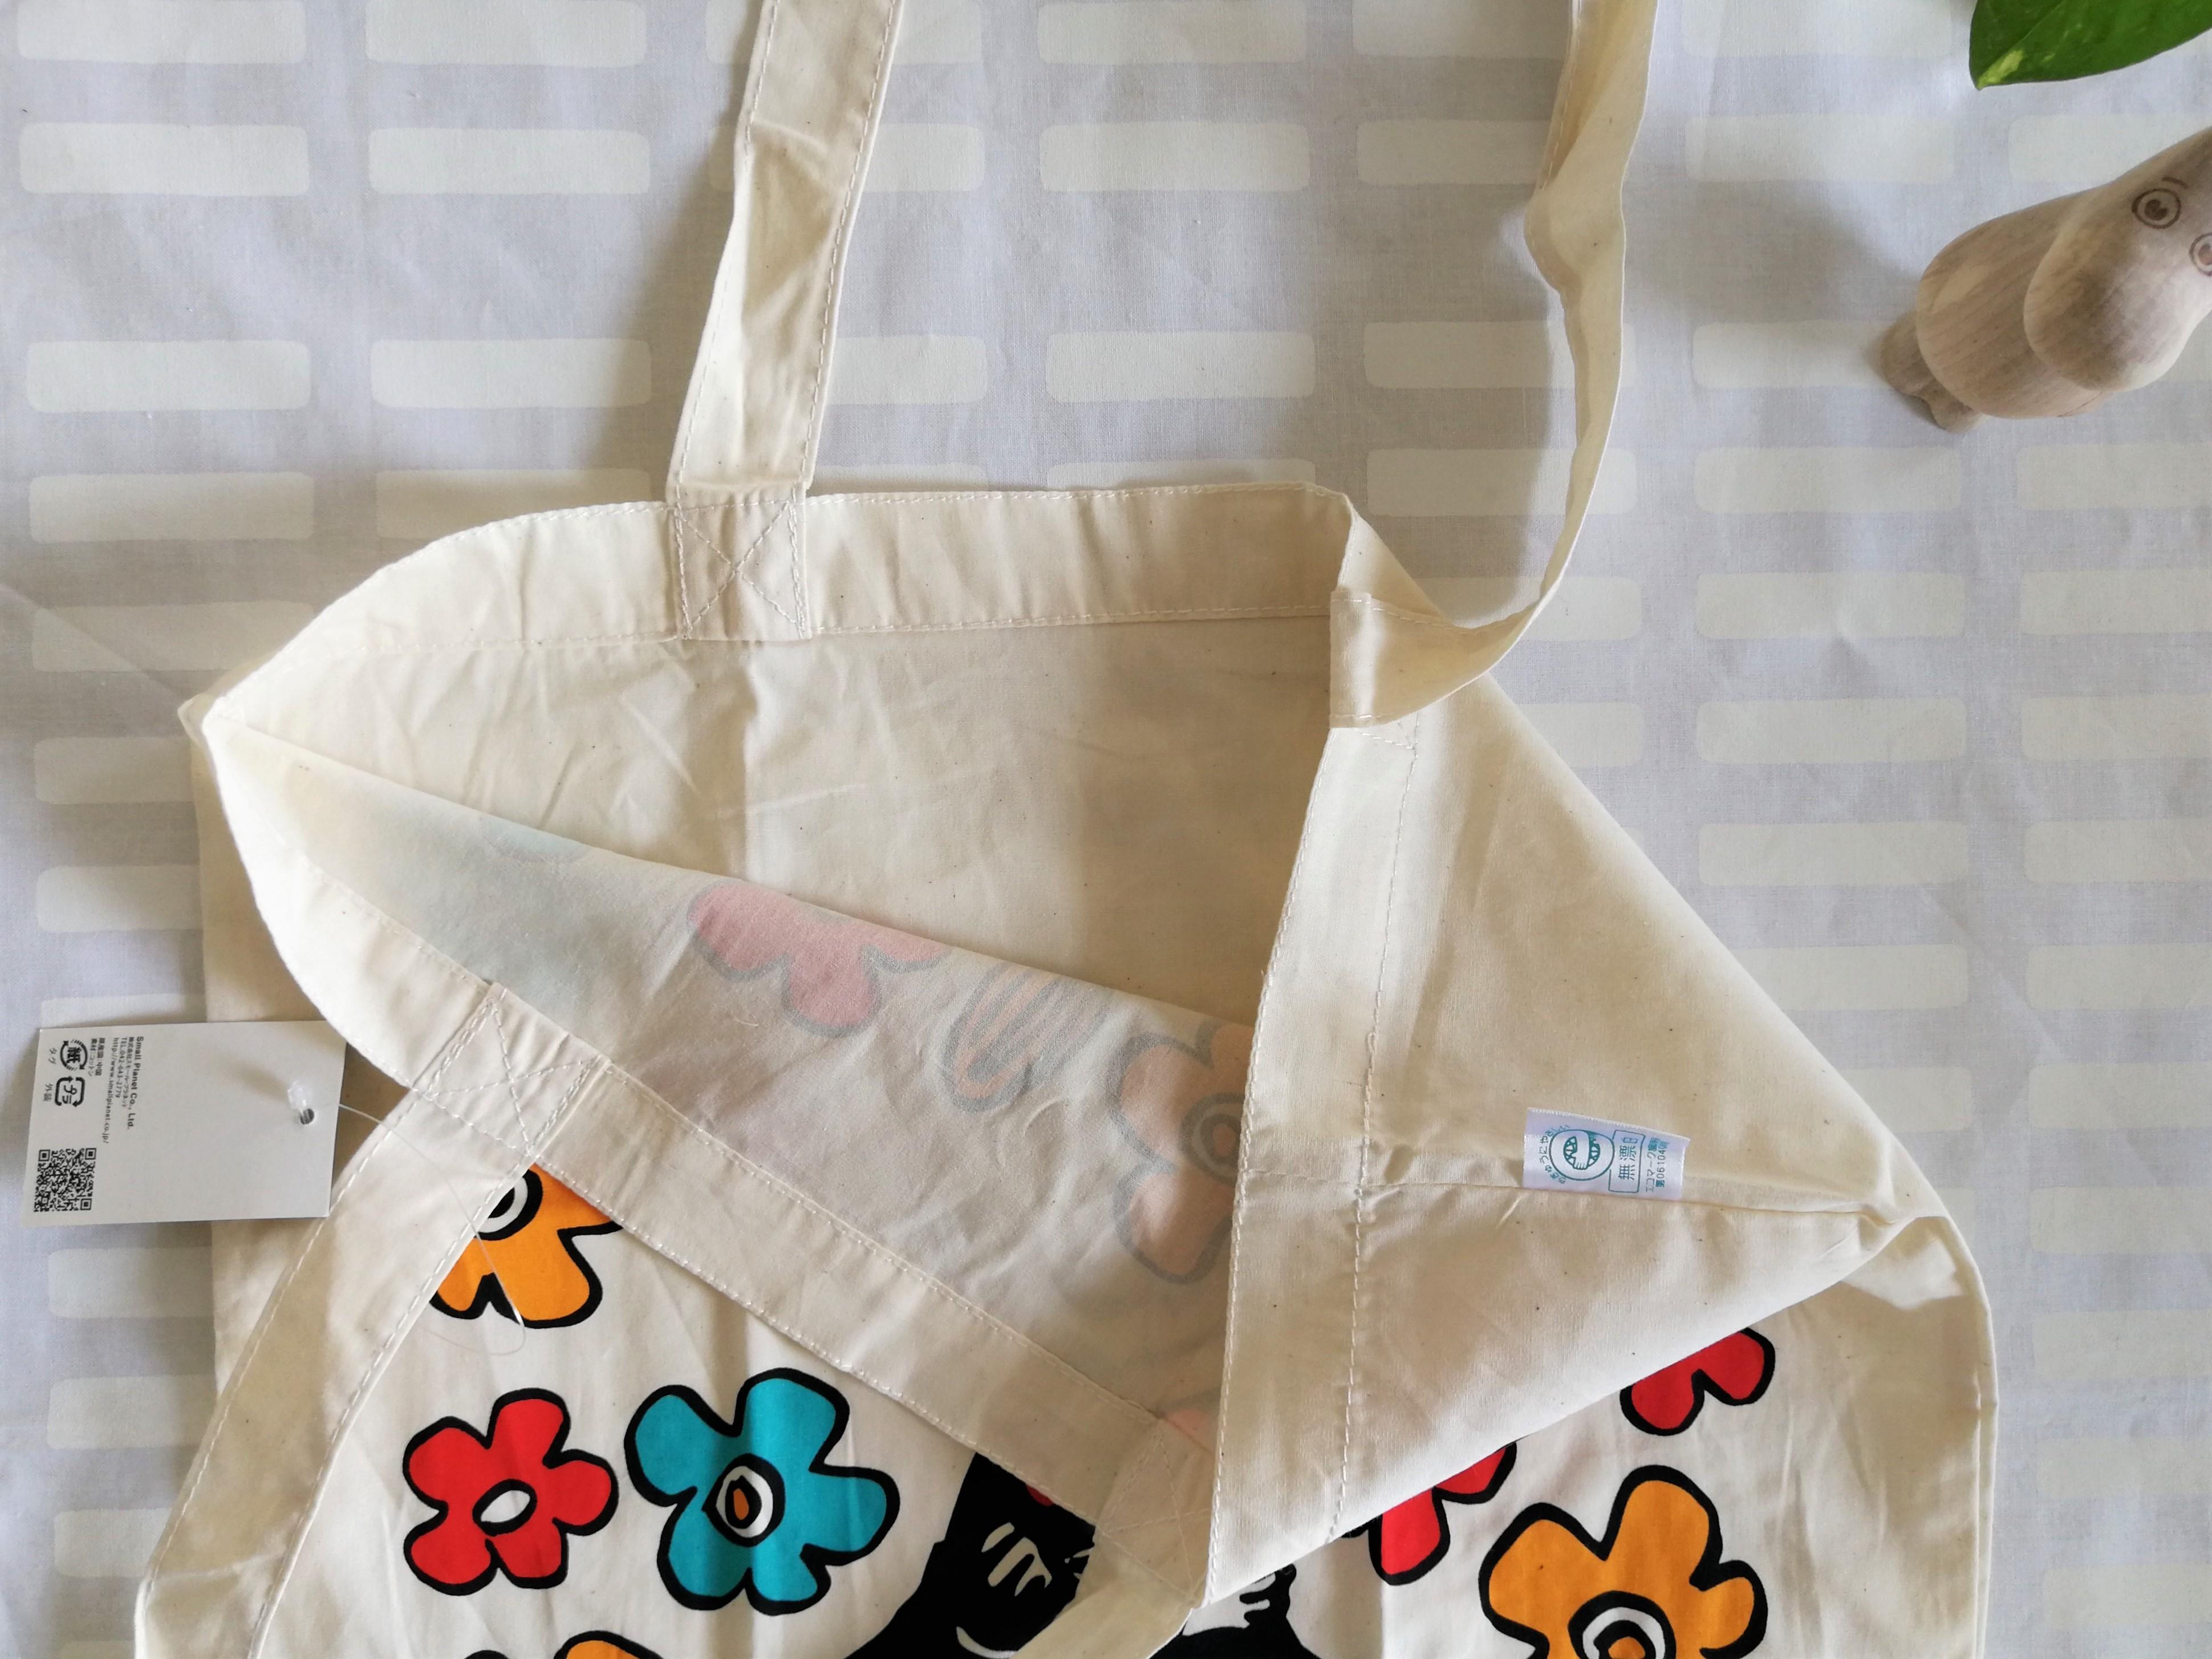 トートバッグ / ムーミン/ リトルミィ(お花)エコマーク付きバッグ